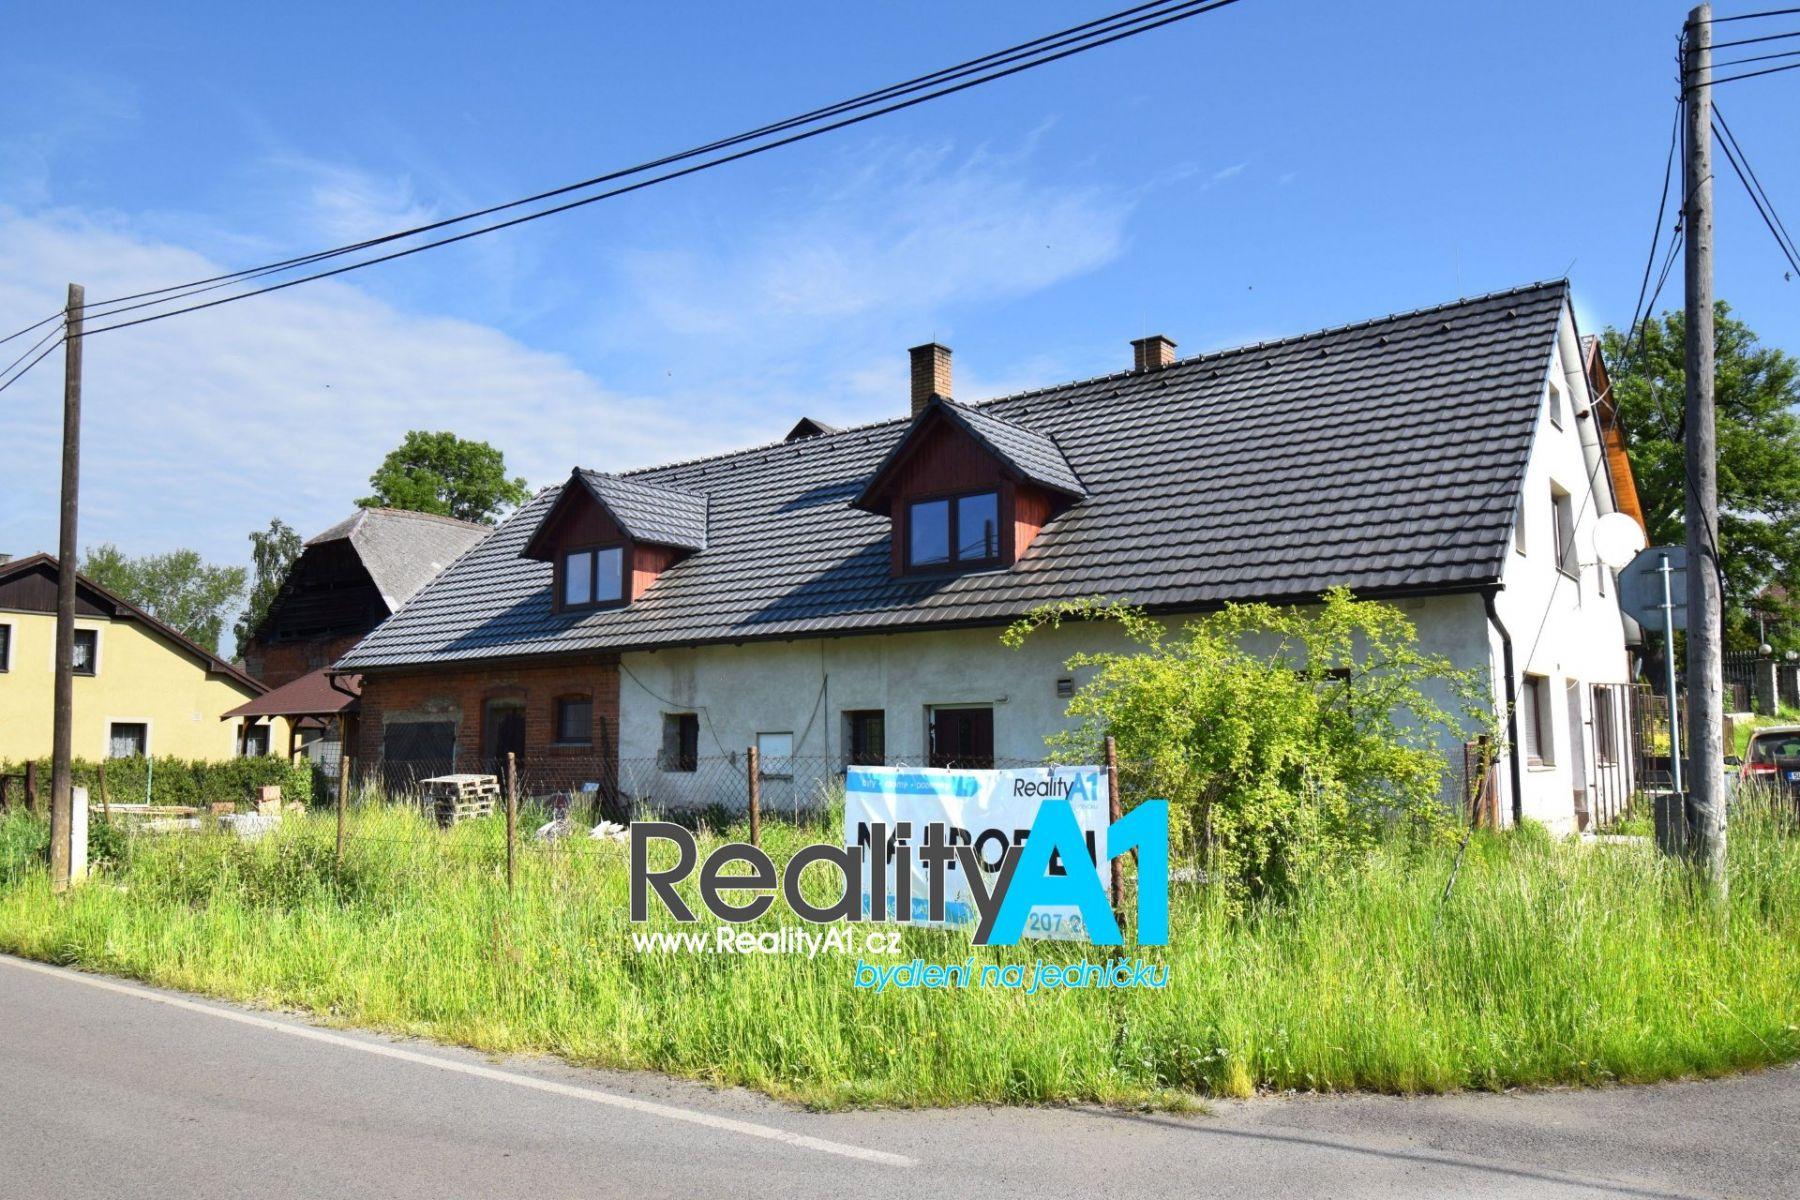 Prodej rodinného domu 270 m2 s velkou dílnou-garáží 66 m2 - Jablonné v Podještědí - Postřelná